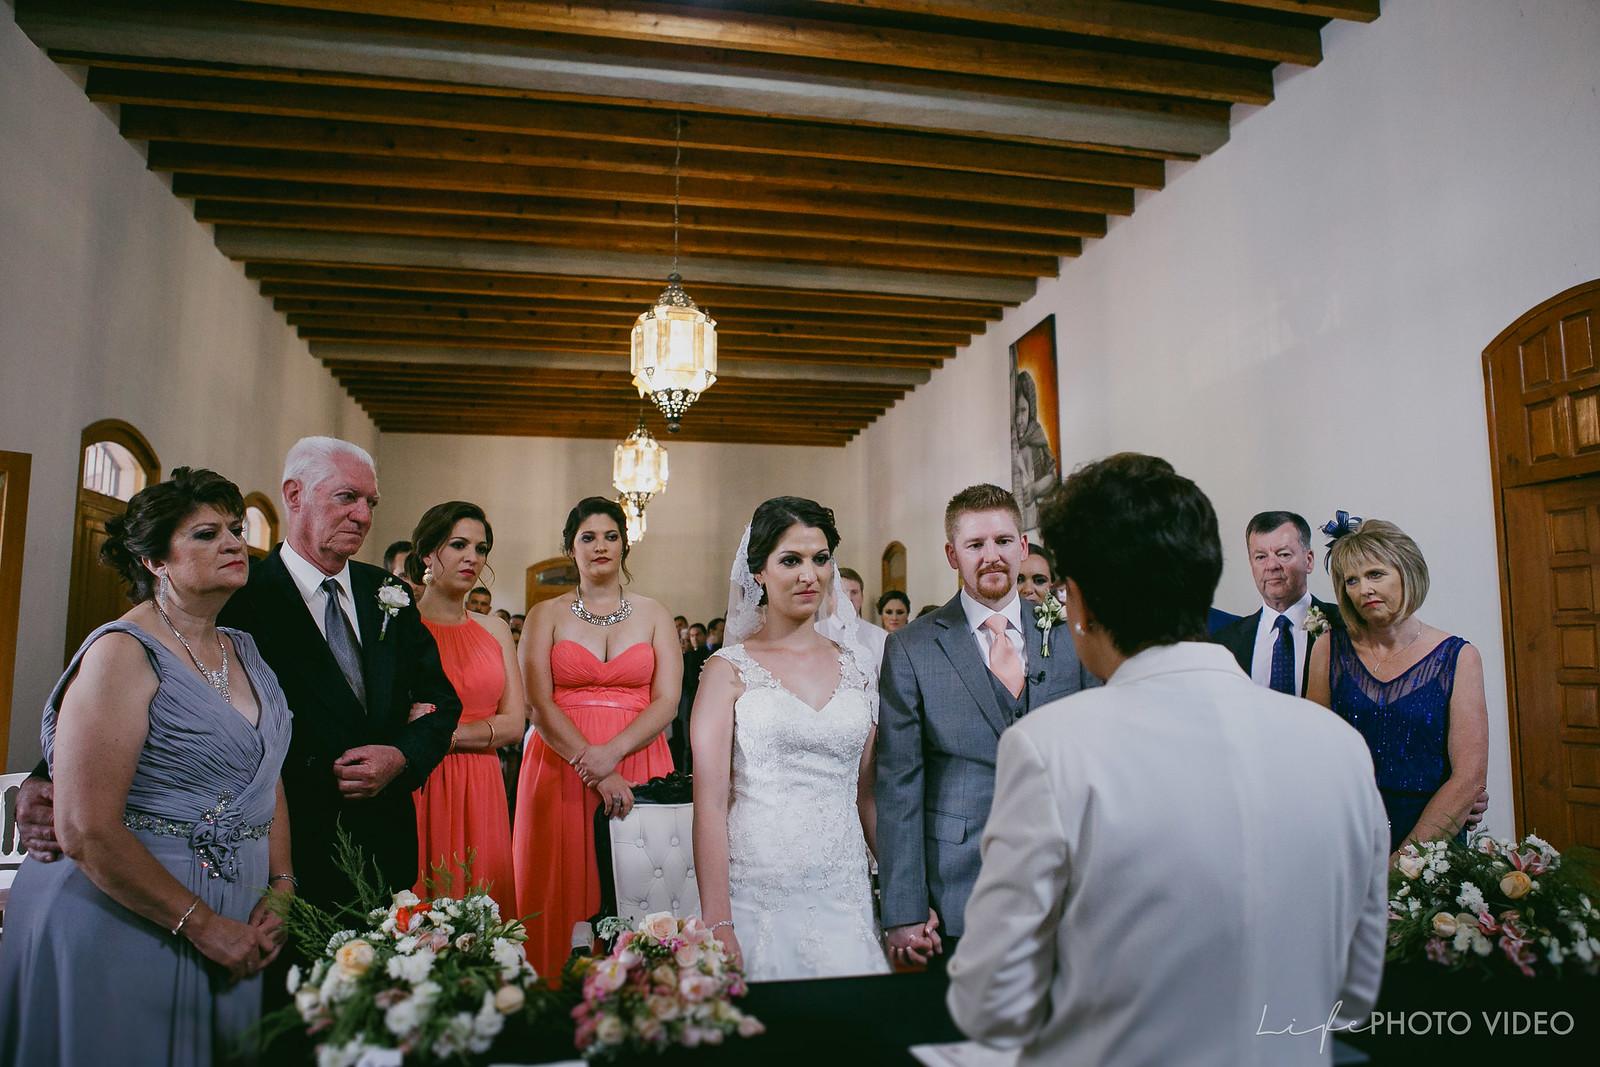 LifePhotoVideo_Boda_LeonGto_Wedding_0039.jpg